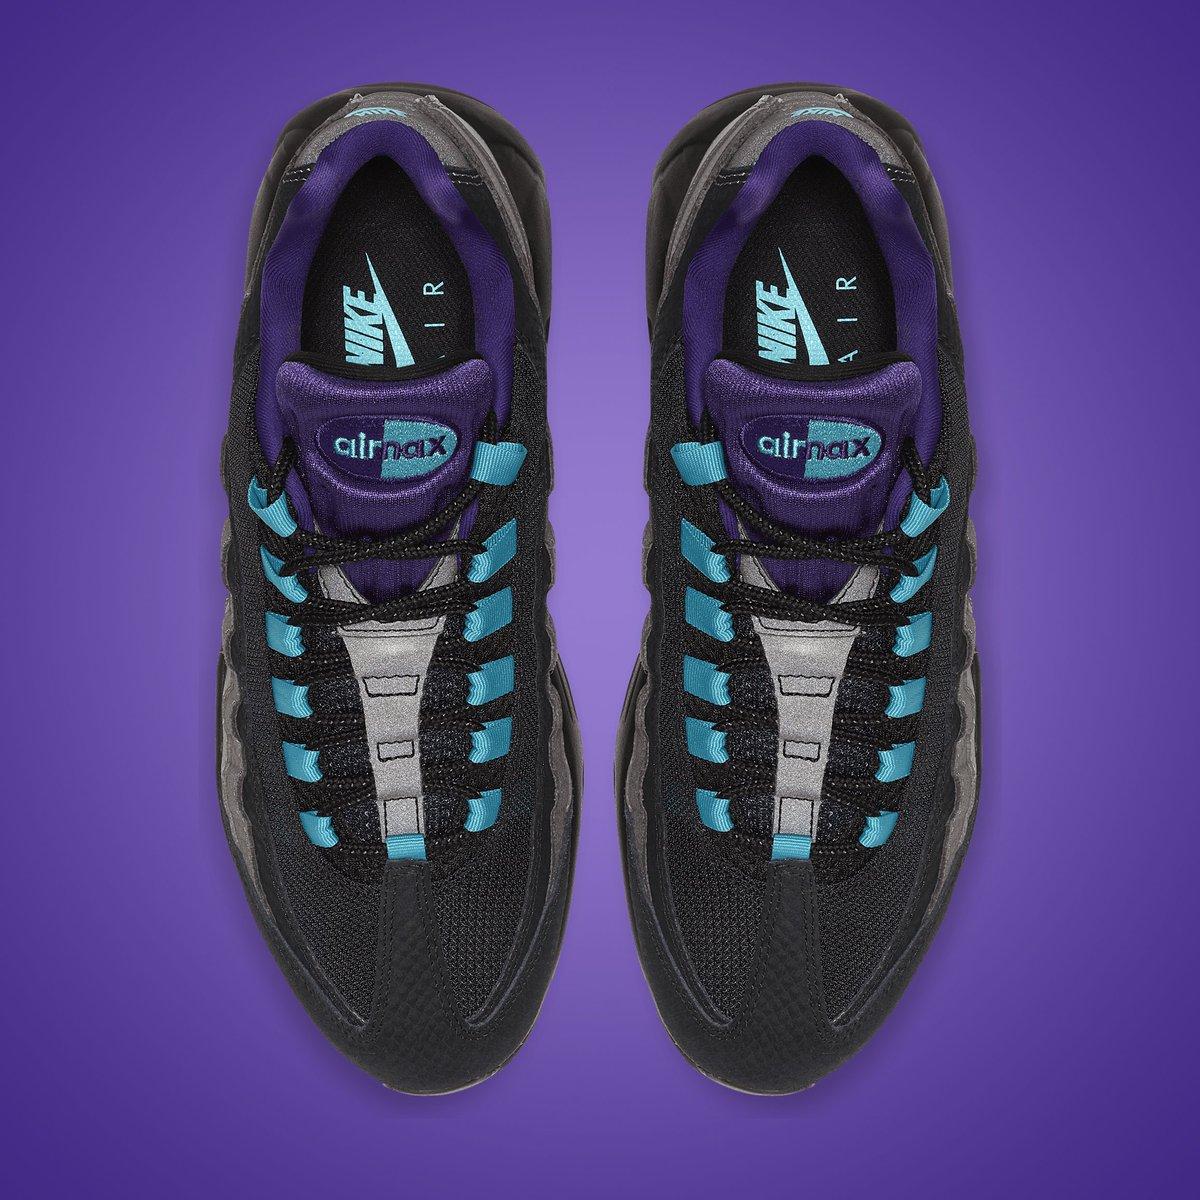 Nike Air Max 95 LV8 'Grape Reverse' | AO2450 002